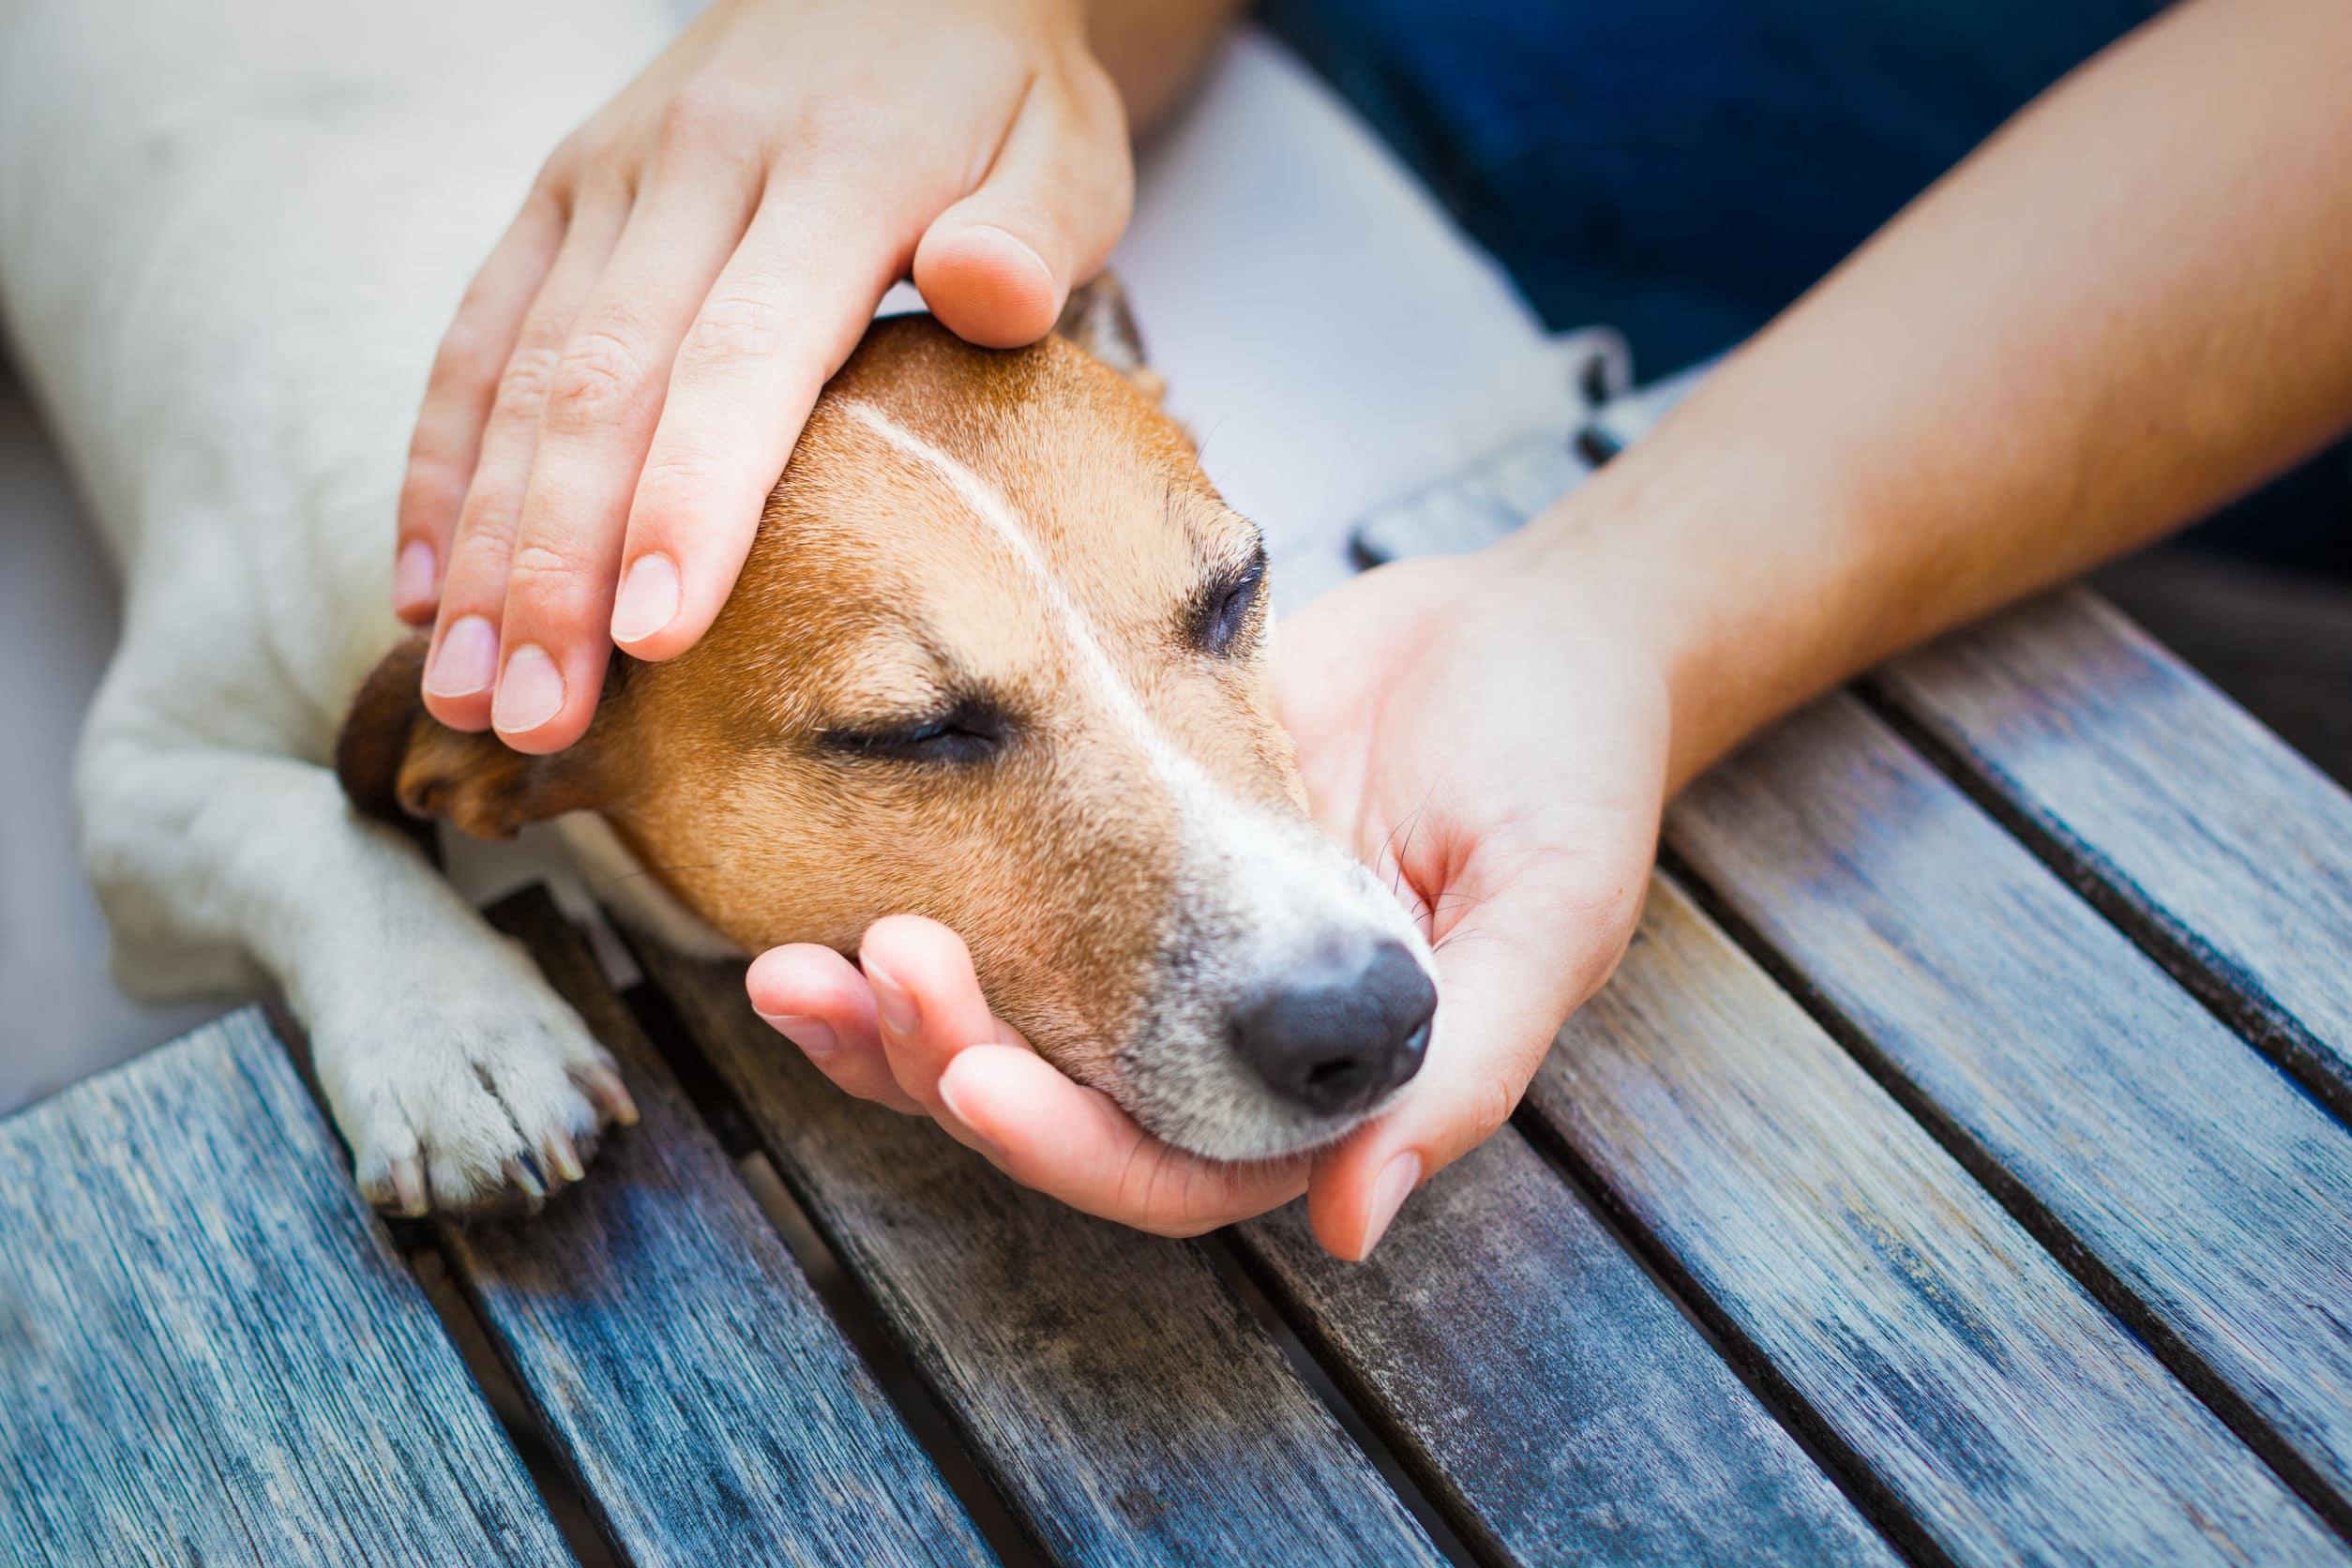 Cachorro dormindo apoiado em uma das mãos de seu dono enquanto a outra mão faz carinho em sua cabeça.